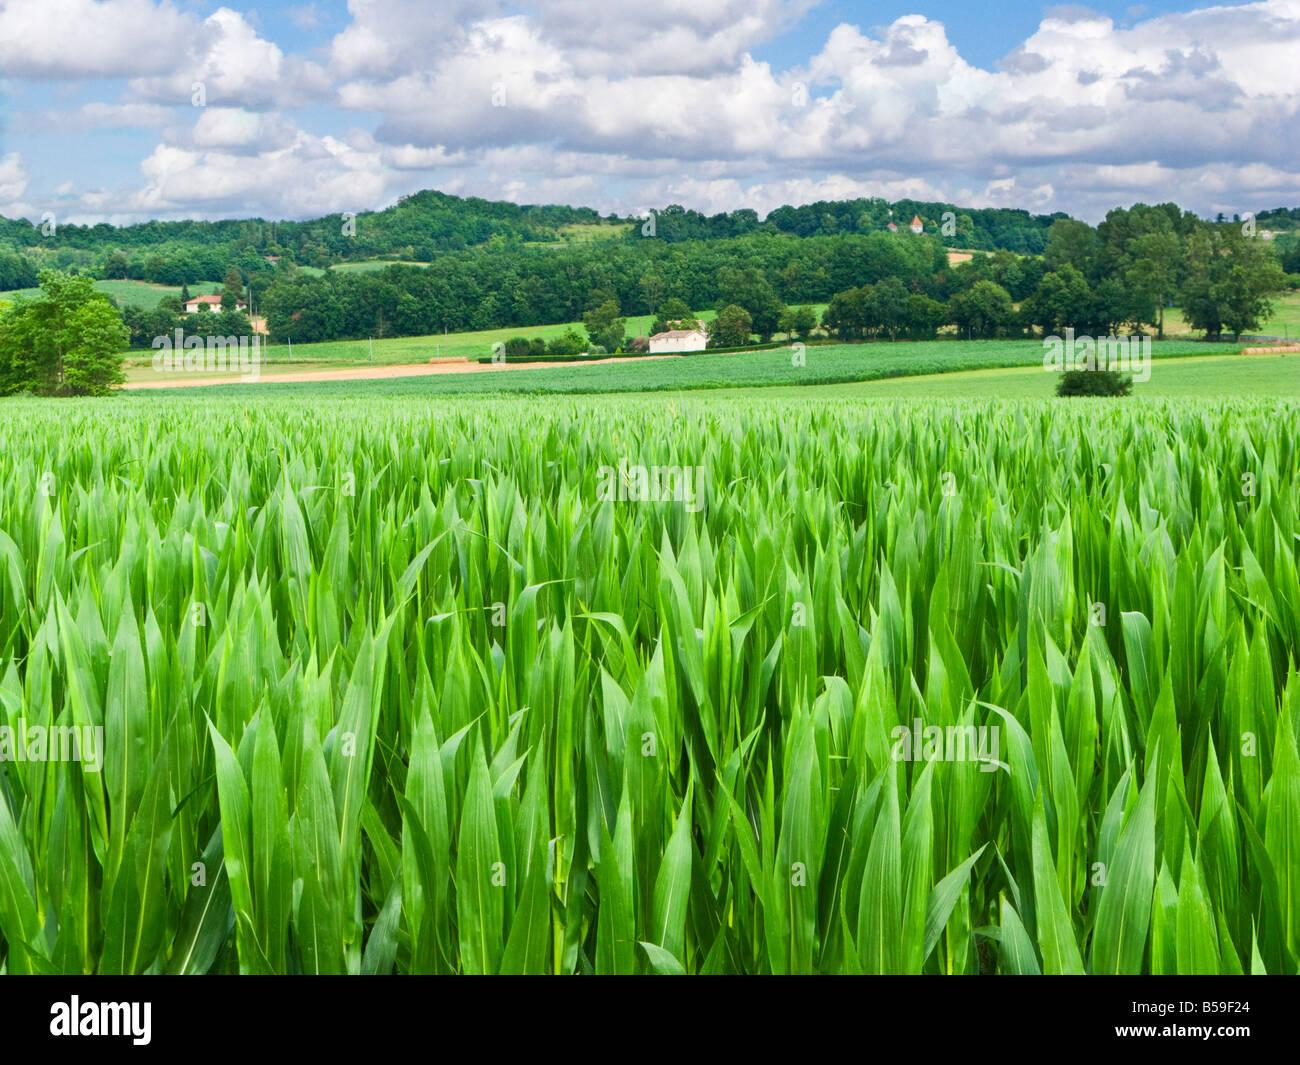 Bereich der Mais in der Landwirtschaft Ackerland in Tarn et Garonne, Südfrankreich, Europa Stockbild